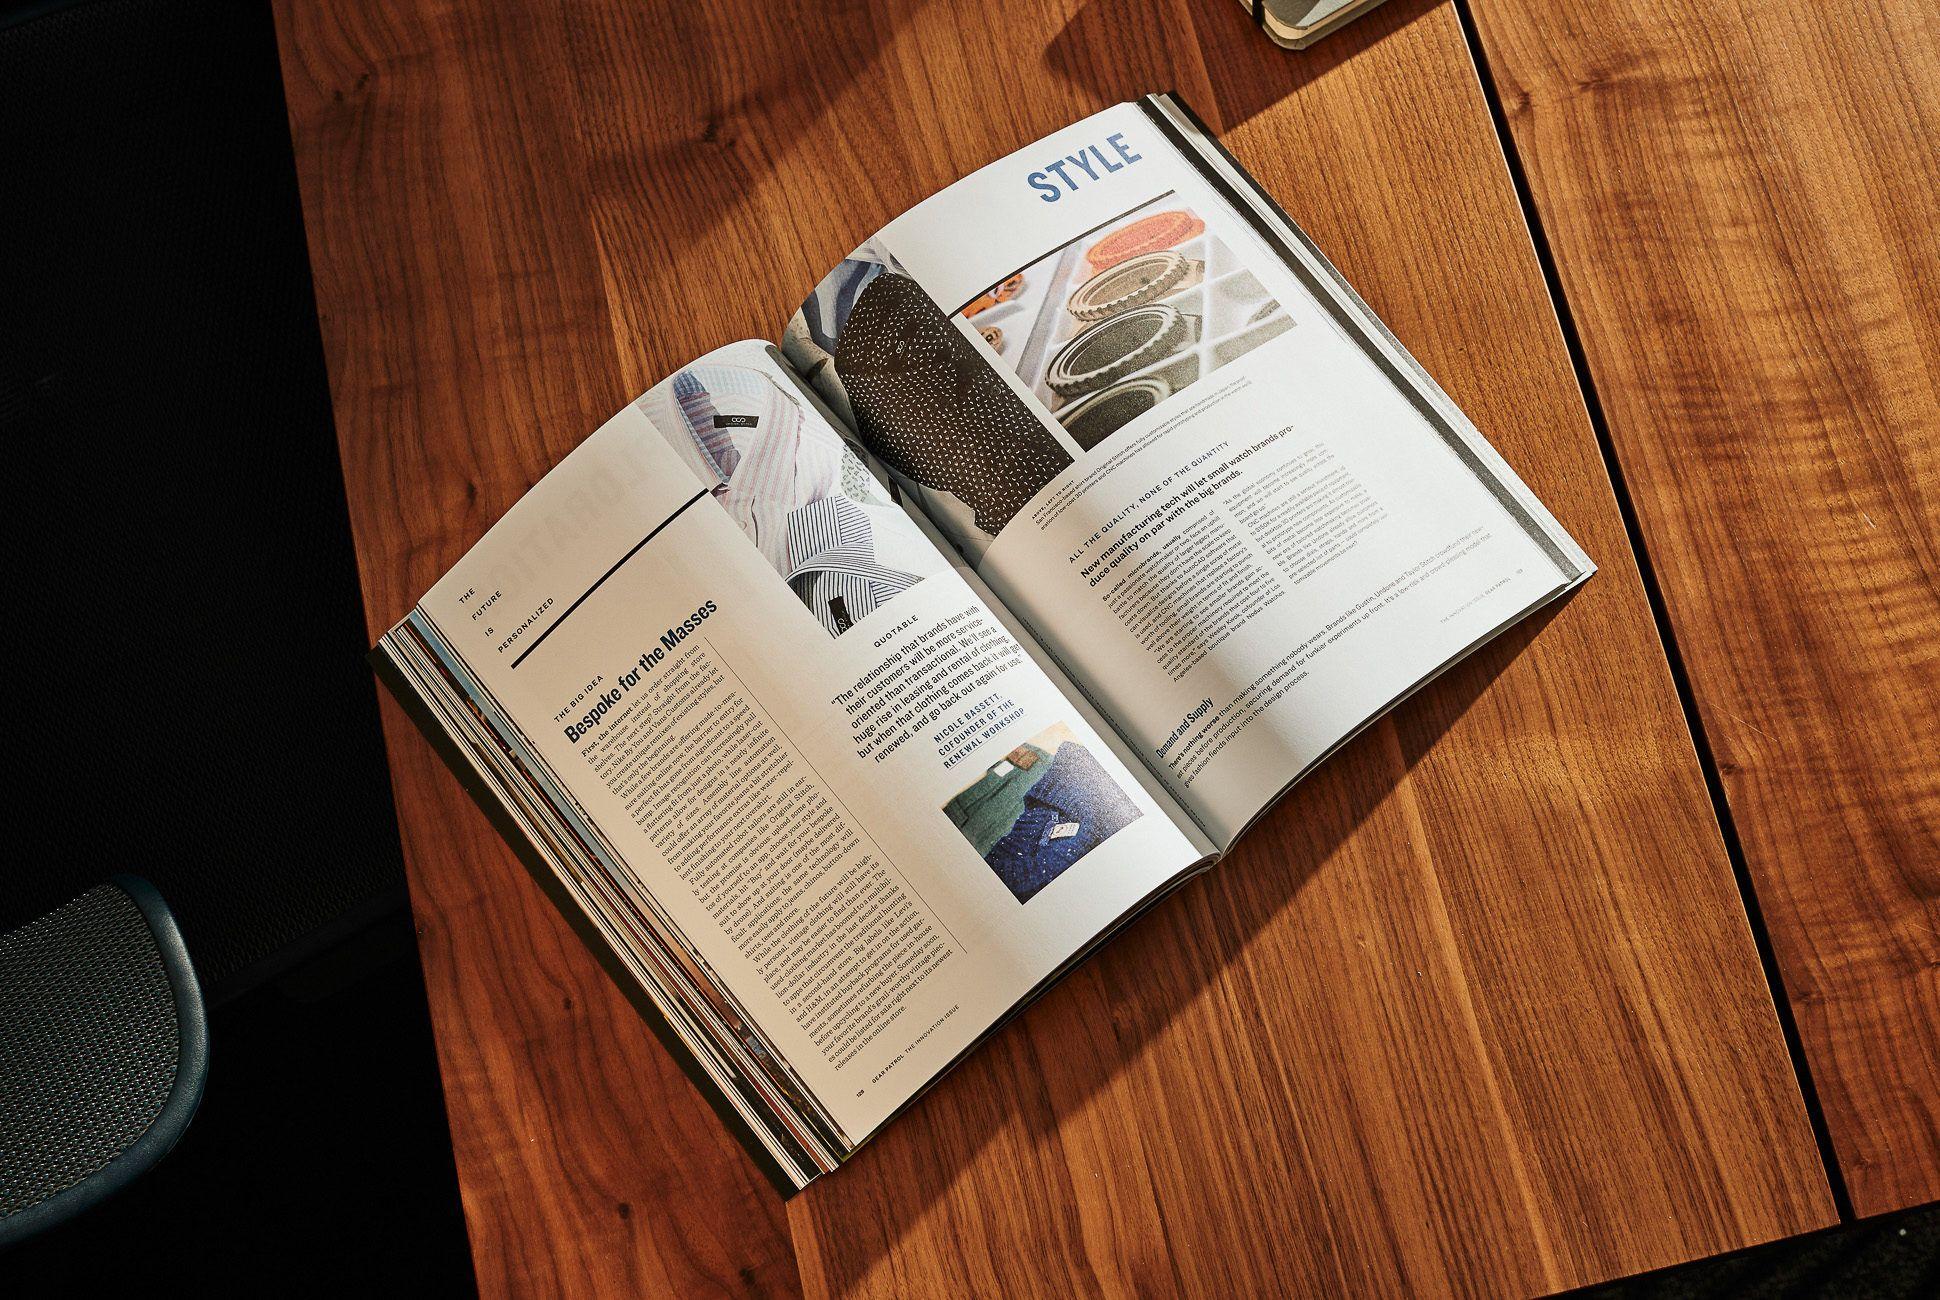 Gear-Patrol-Magazine-Issue-10-Gear-Patrol-Slide-5